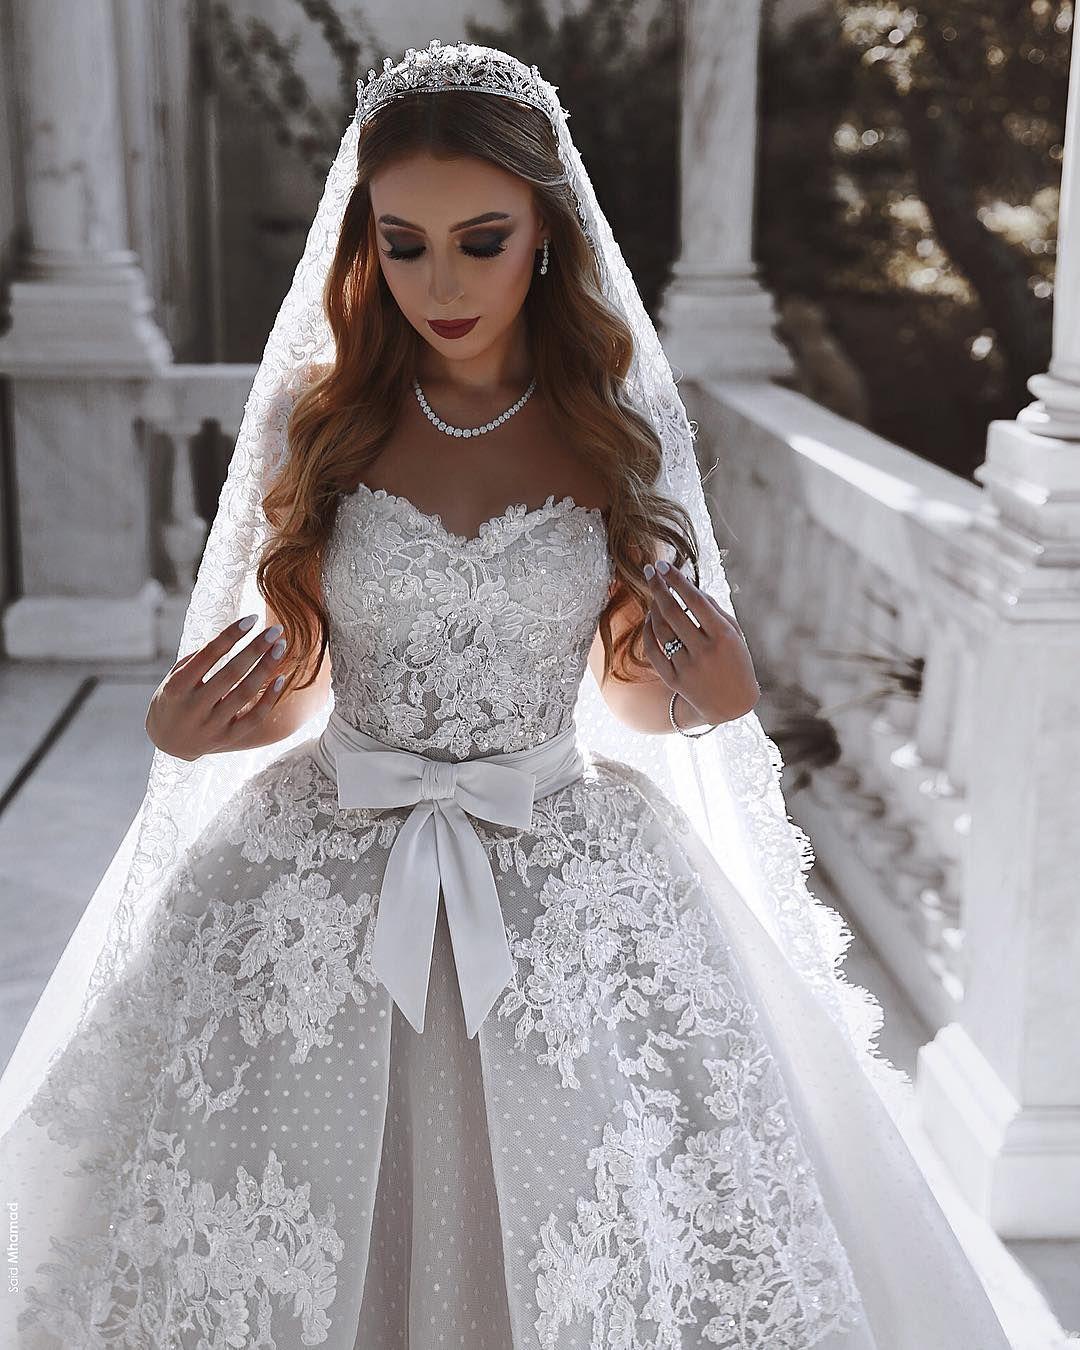 Vestidos de novia elegantes Vestido de novia de encaje blanco Una línea en línea Número de modelo: XY268